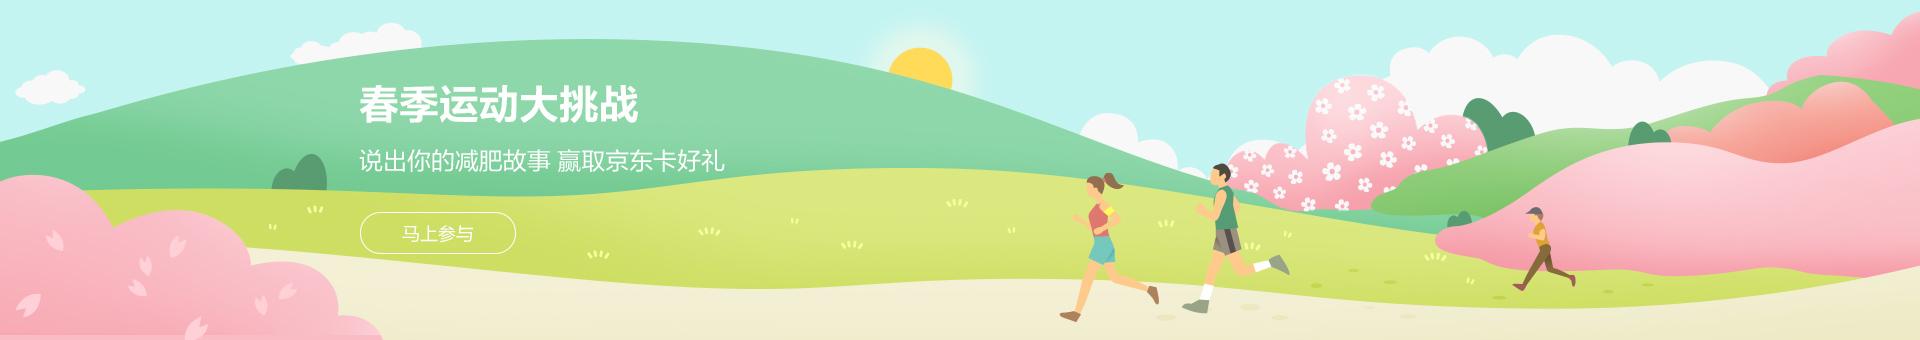 说出你减肥故事 春季运动会第三届挑战运动25天